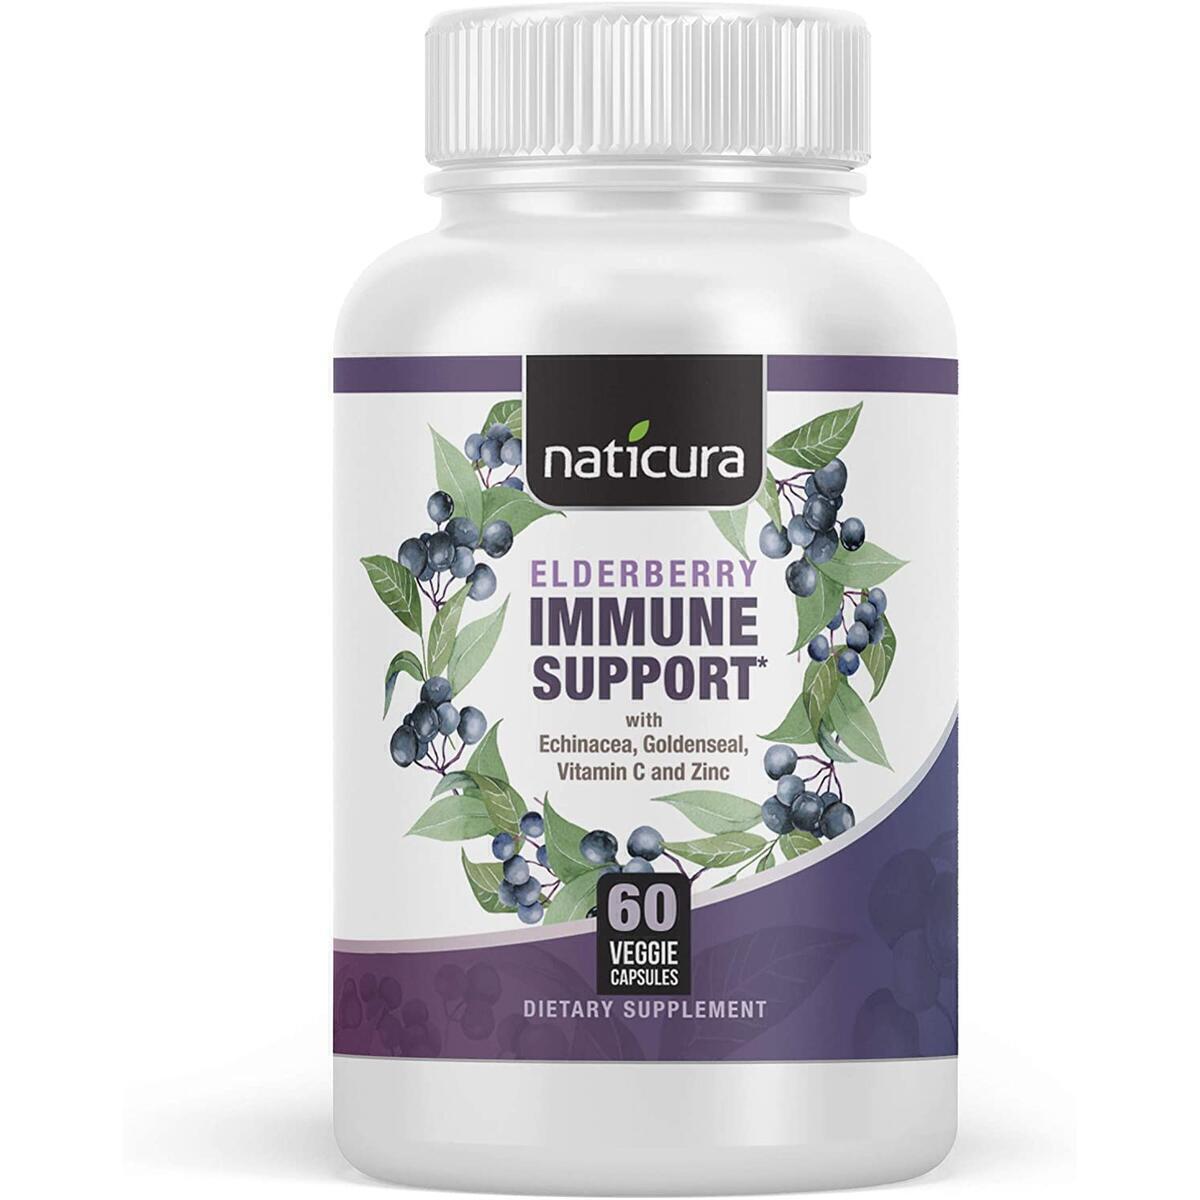 Naticura Black Elderberry Capsules with Echinacea, Goldenseal, Astragalus, Zinc and Vitamin C, 60 Capsules